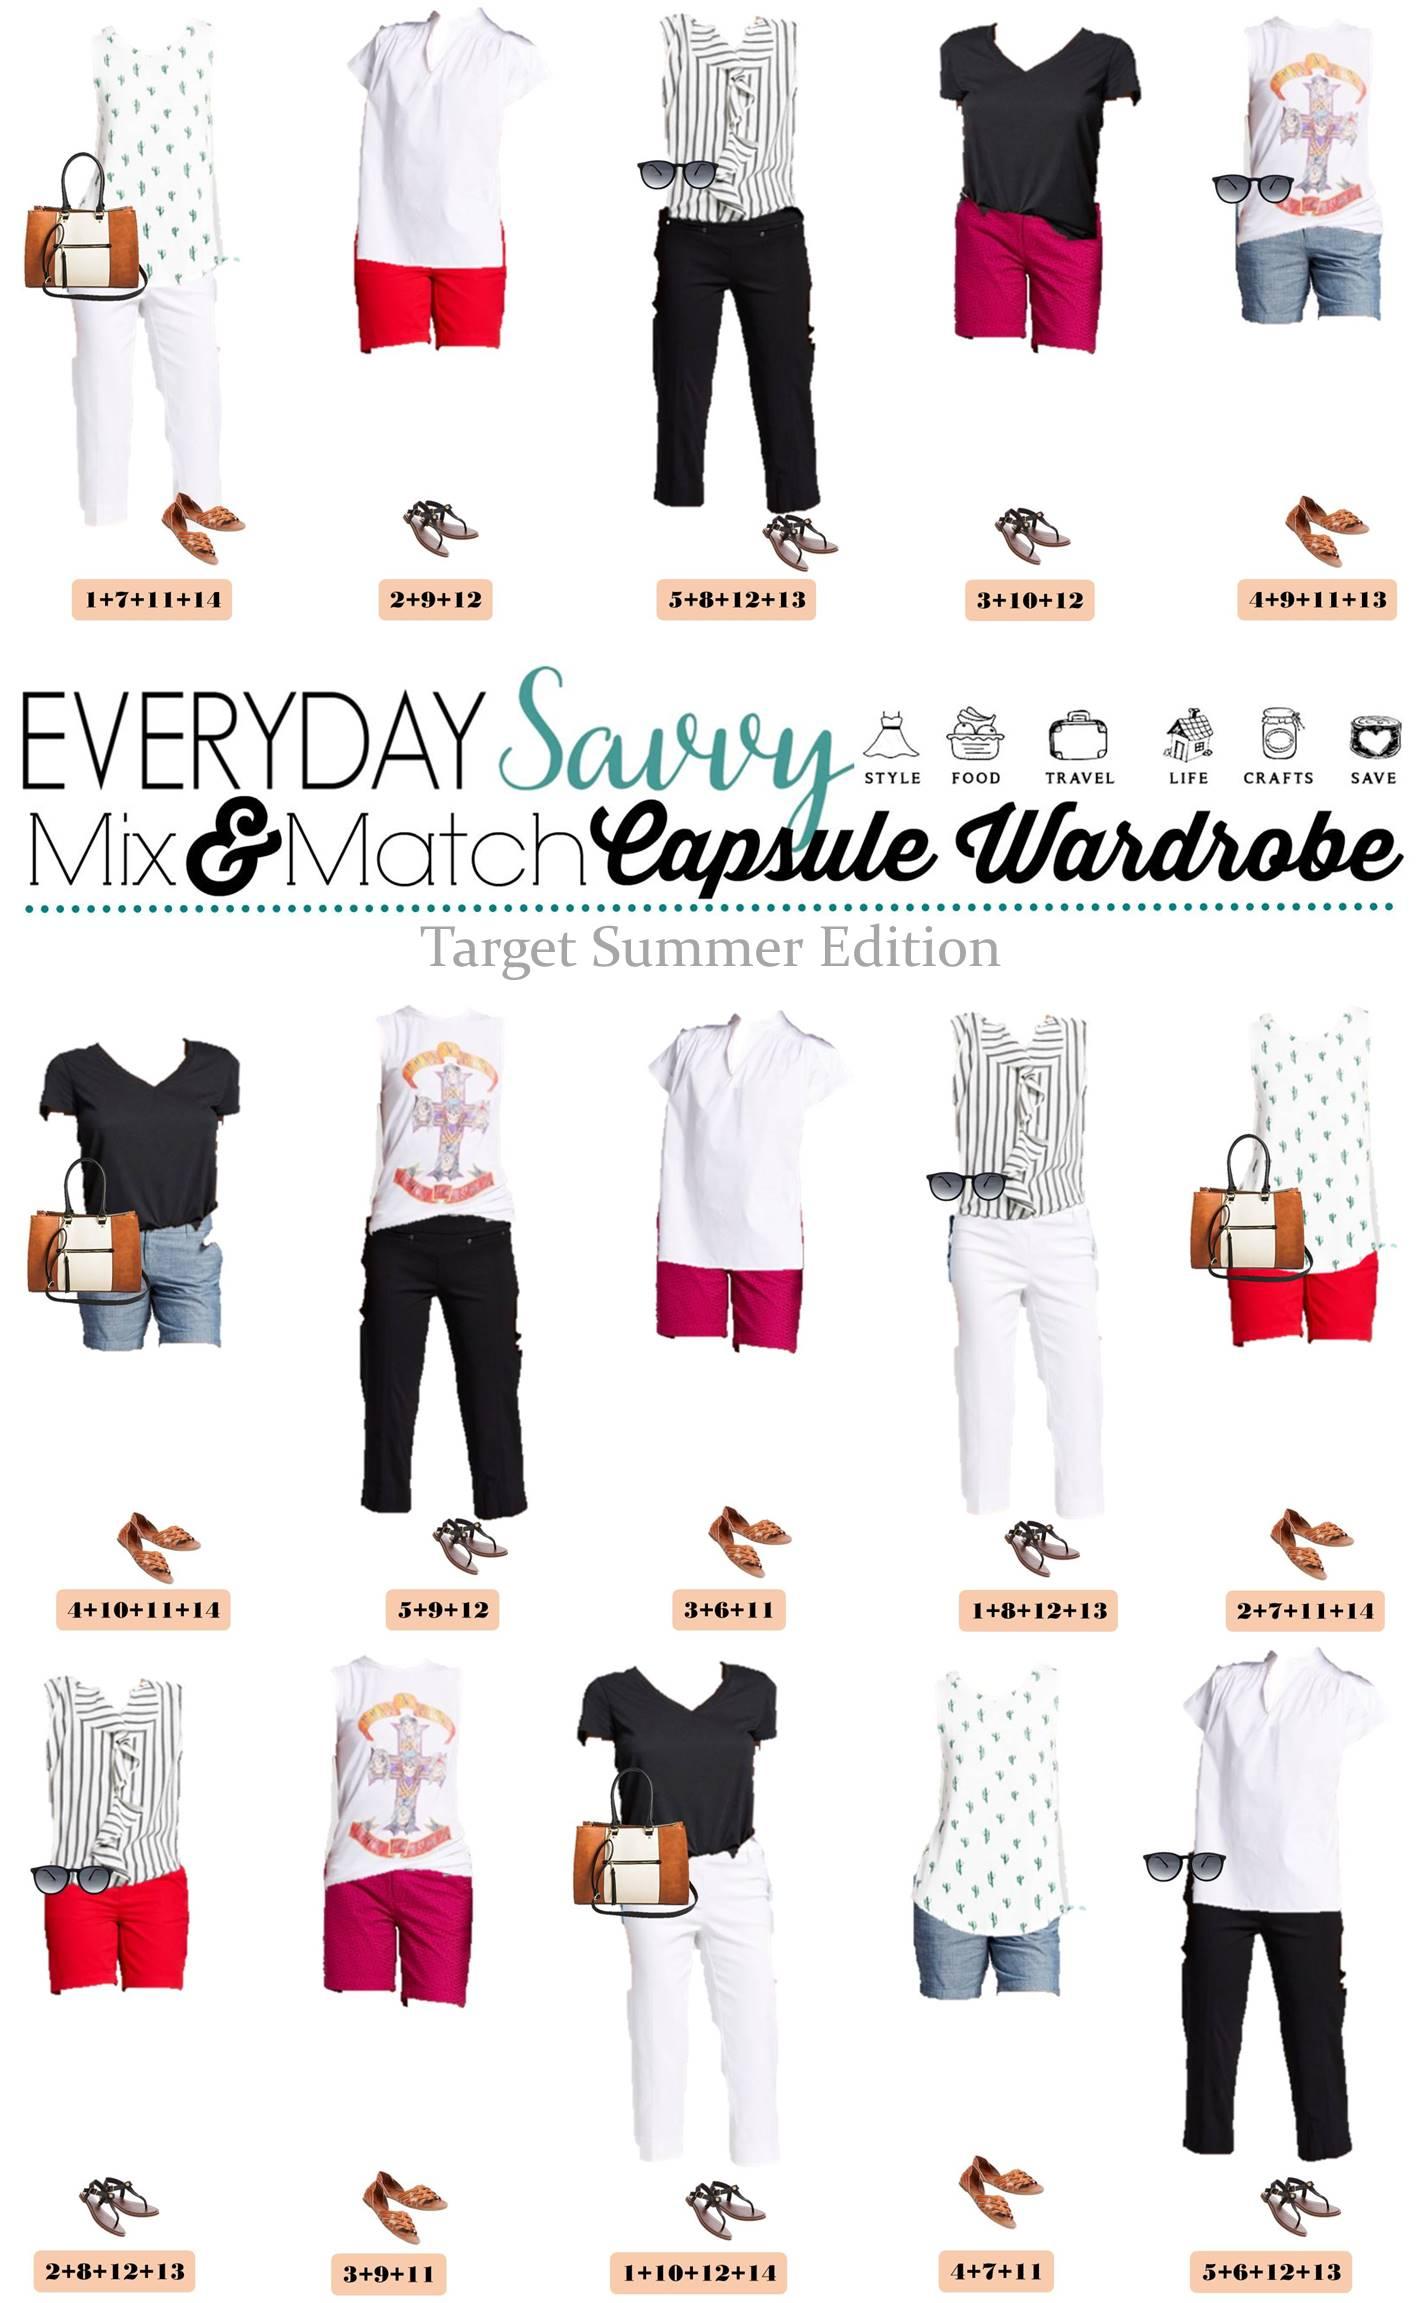 Target Summer Capsule Wardrobe